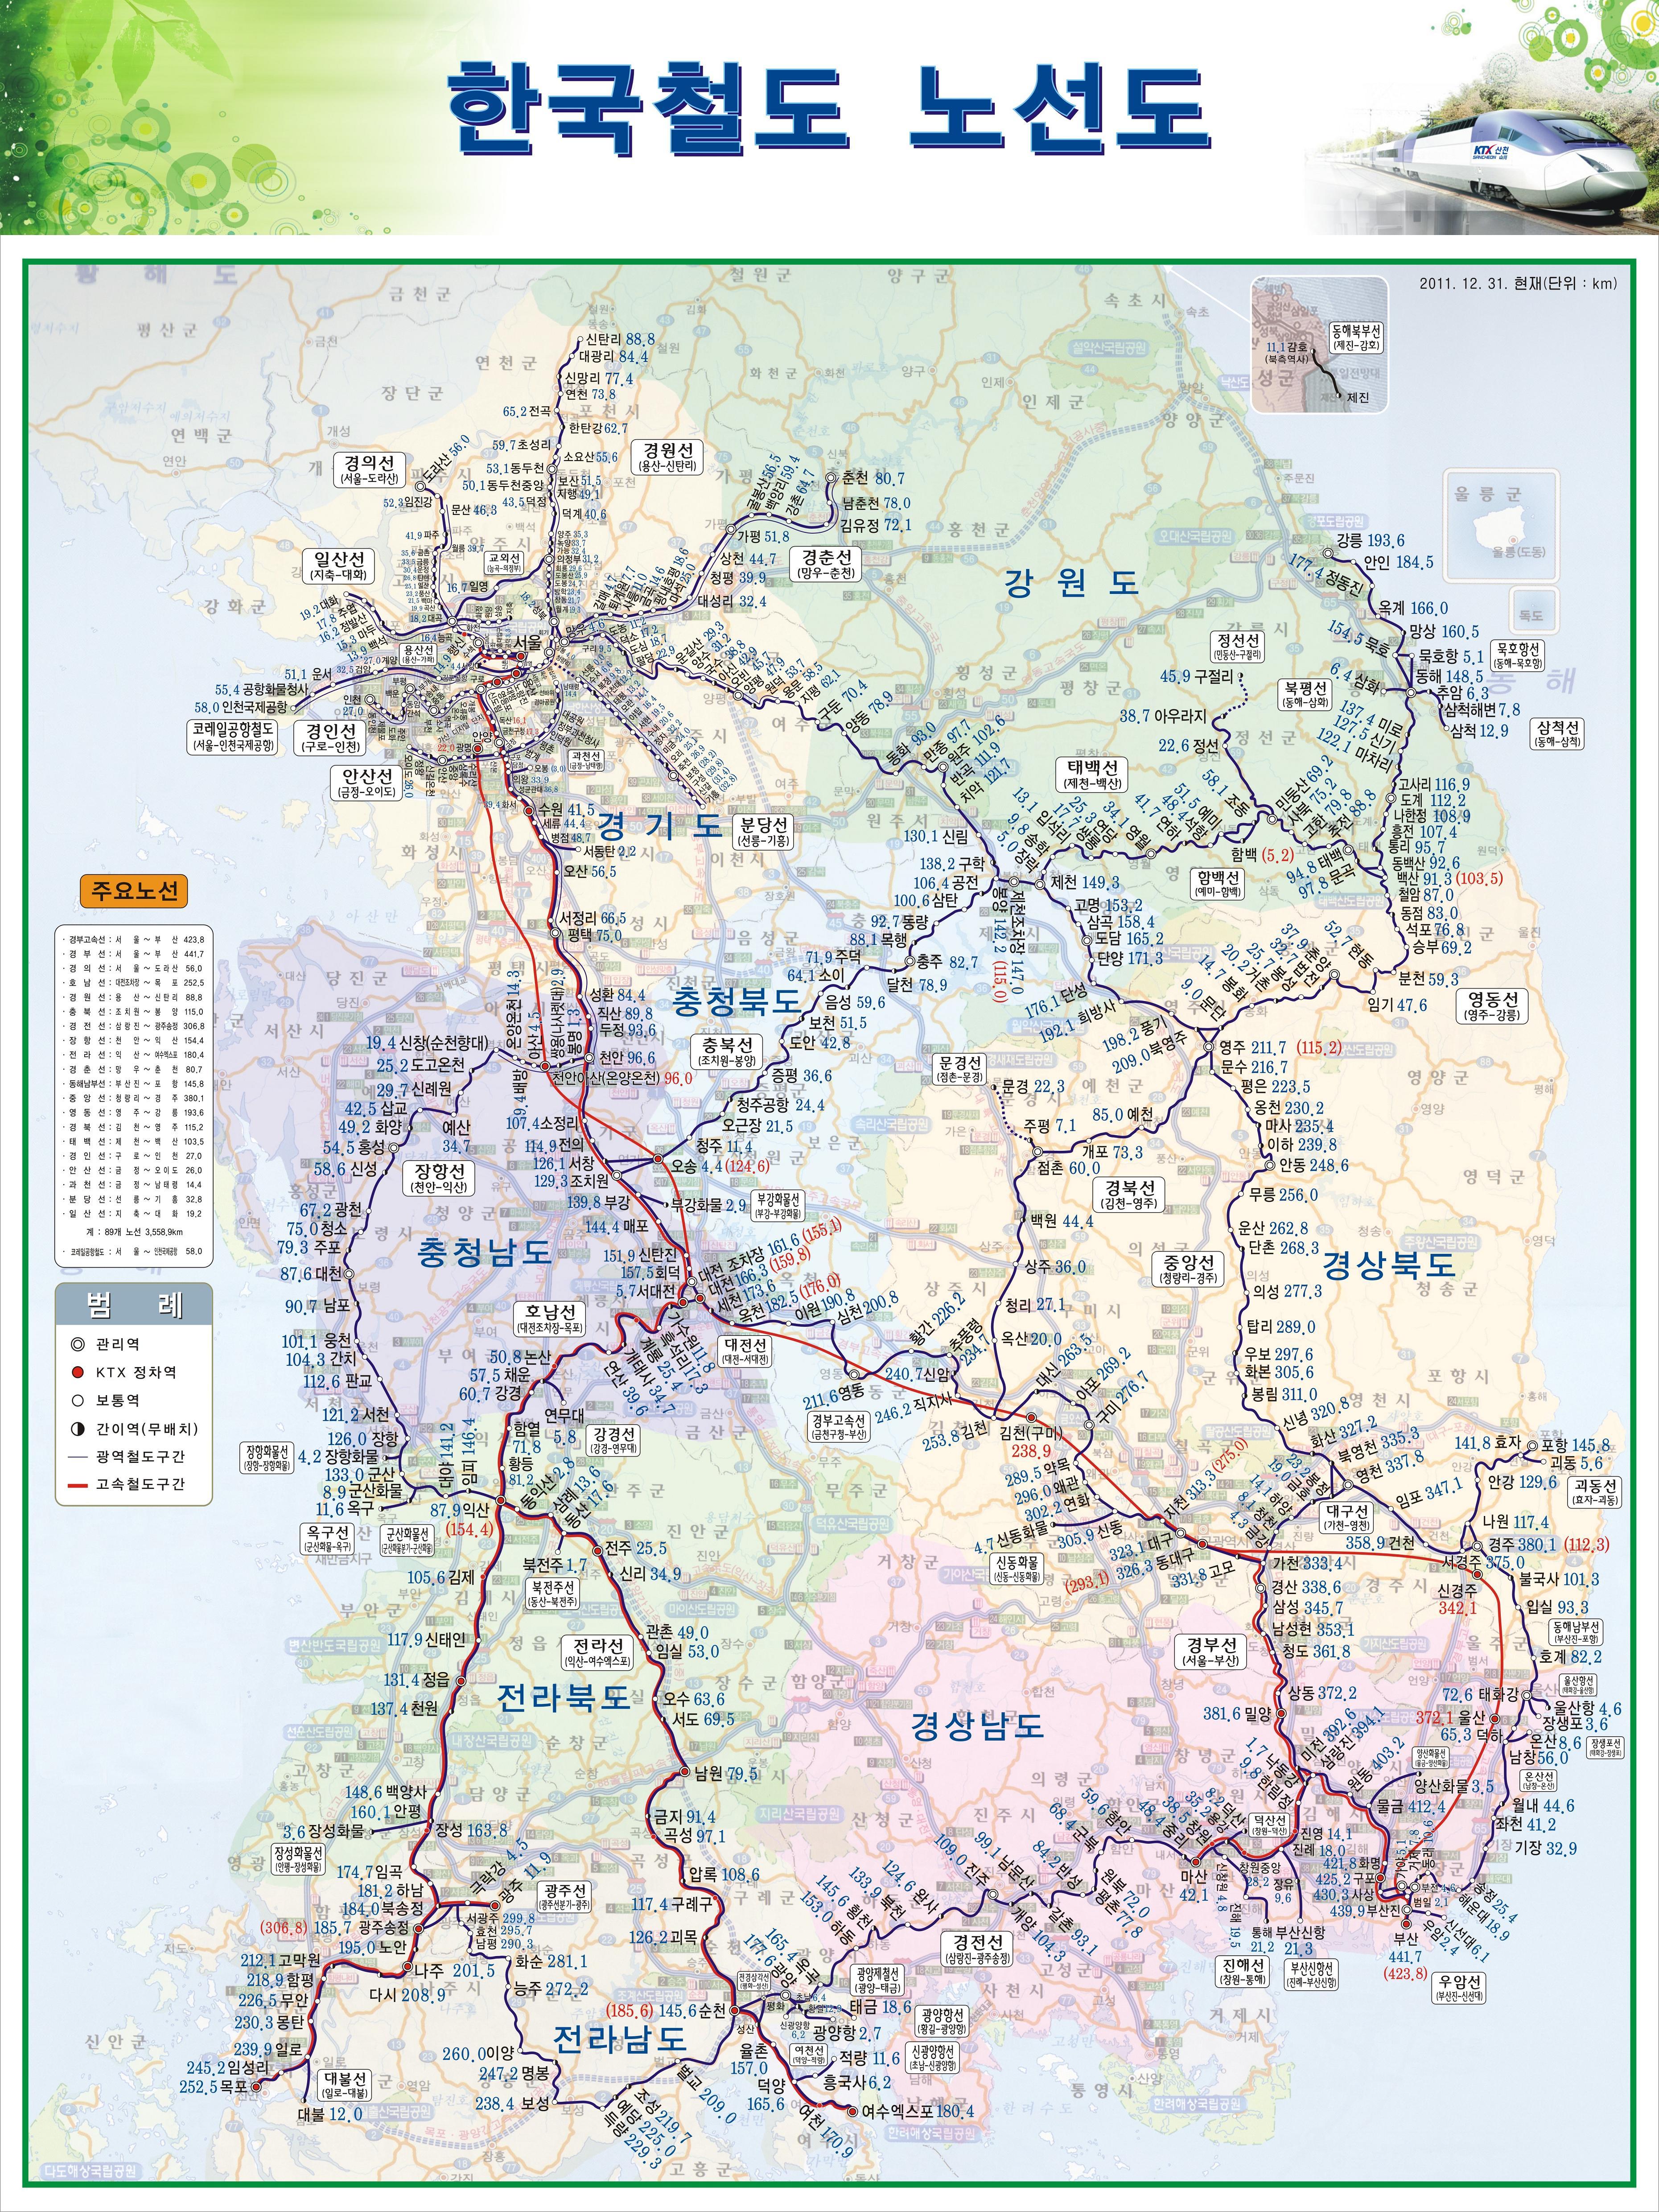 한국철도 노선도 2012